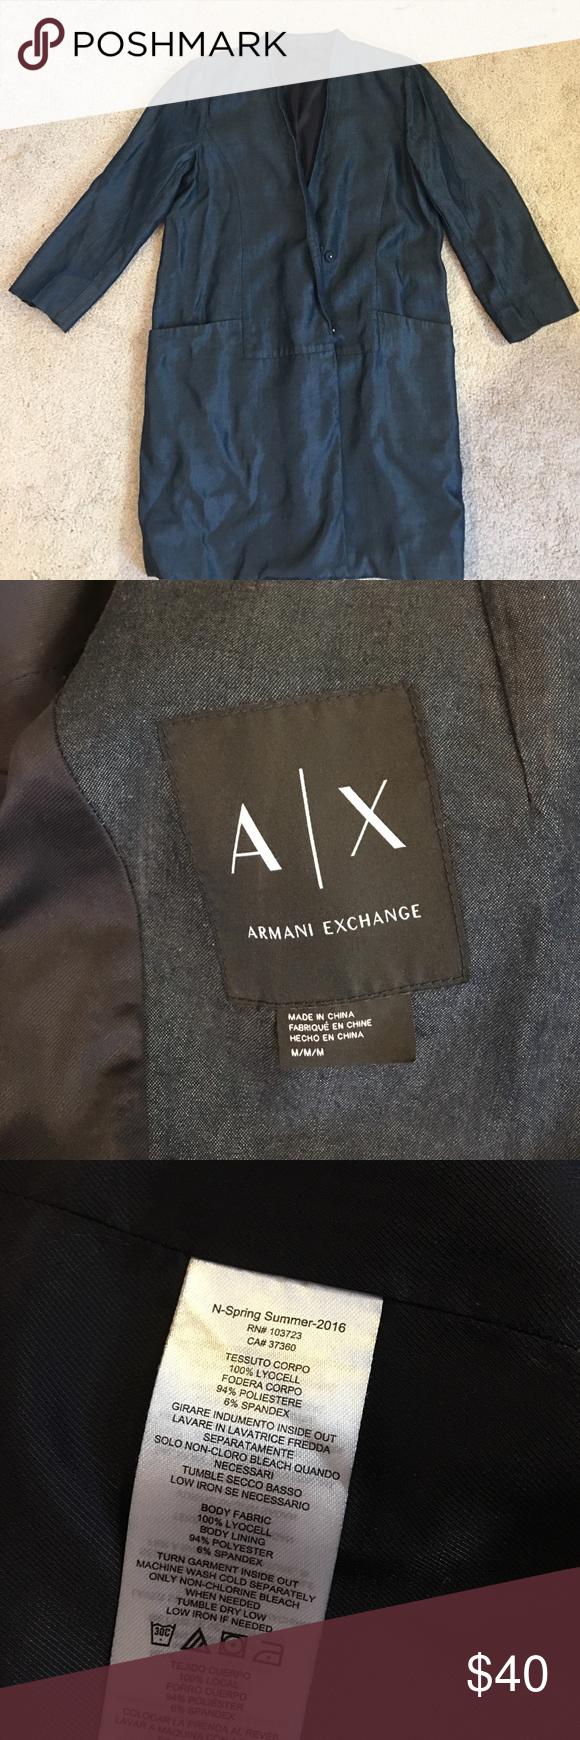 ·ARMANI EXCHANGE BLAZER· Denim look blazer. never worn. A/X Armani Exchange Jackets & Coats Blazers